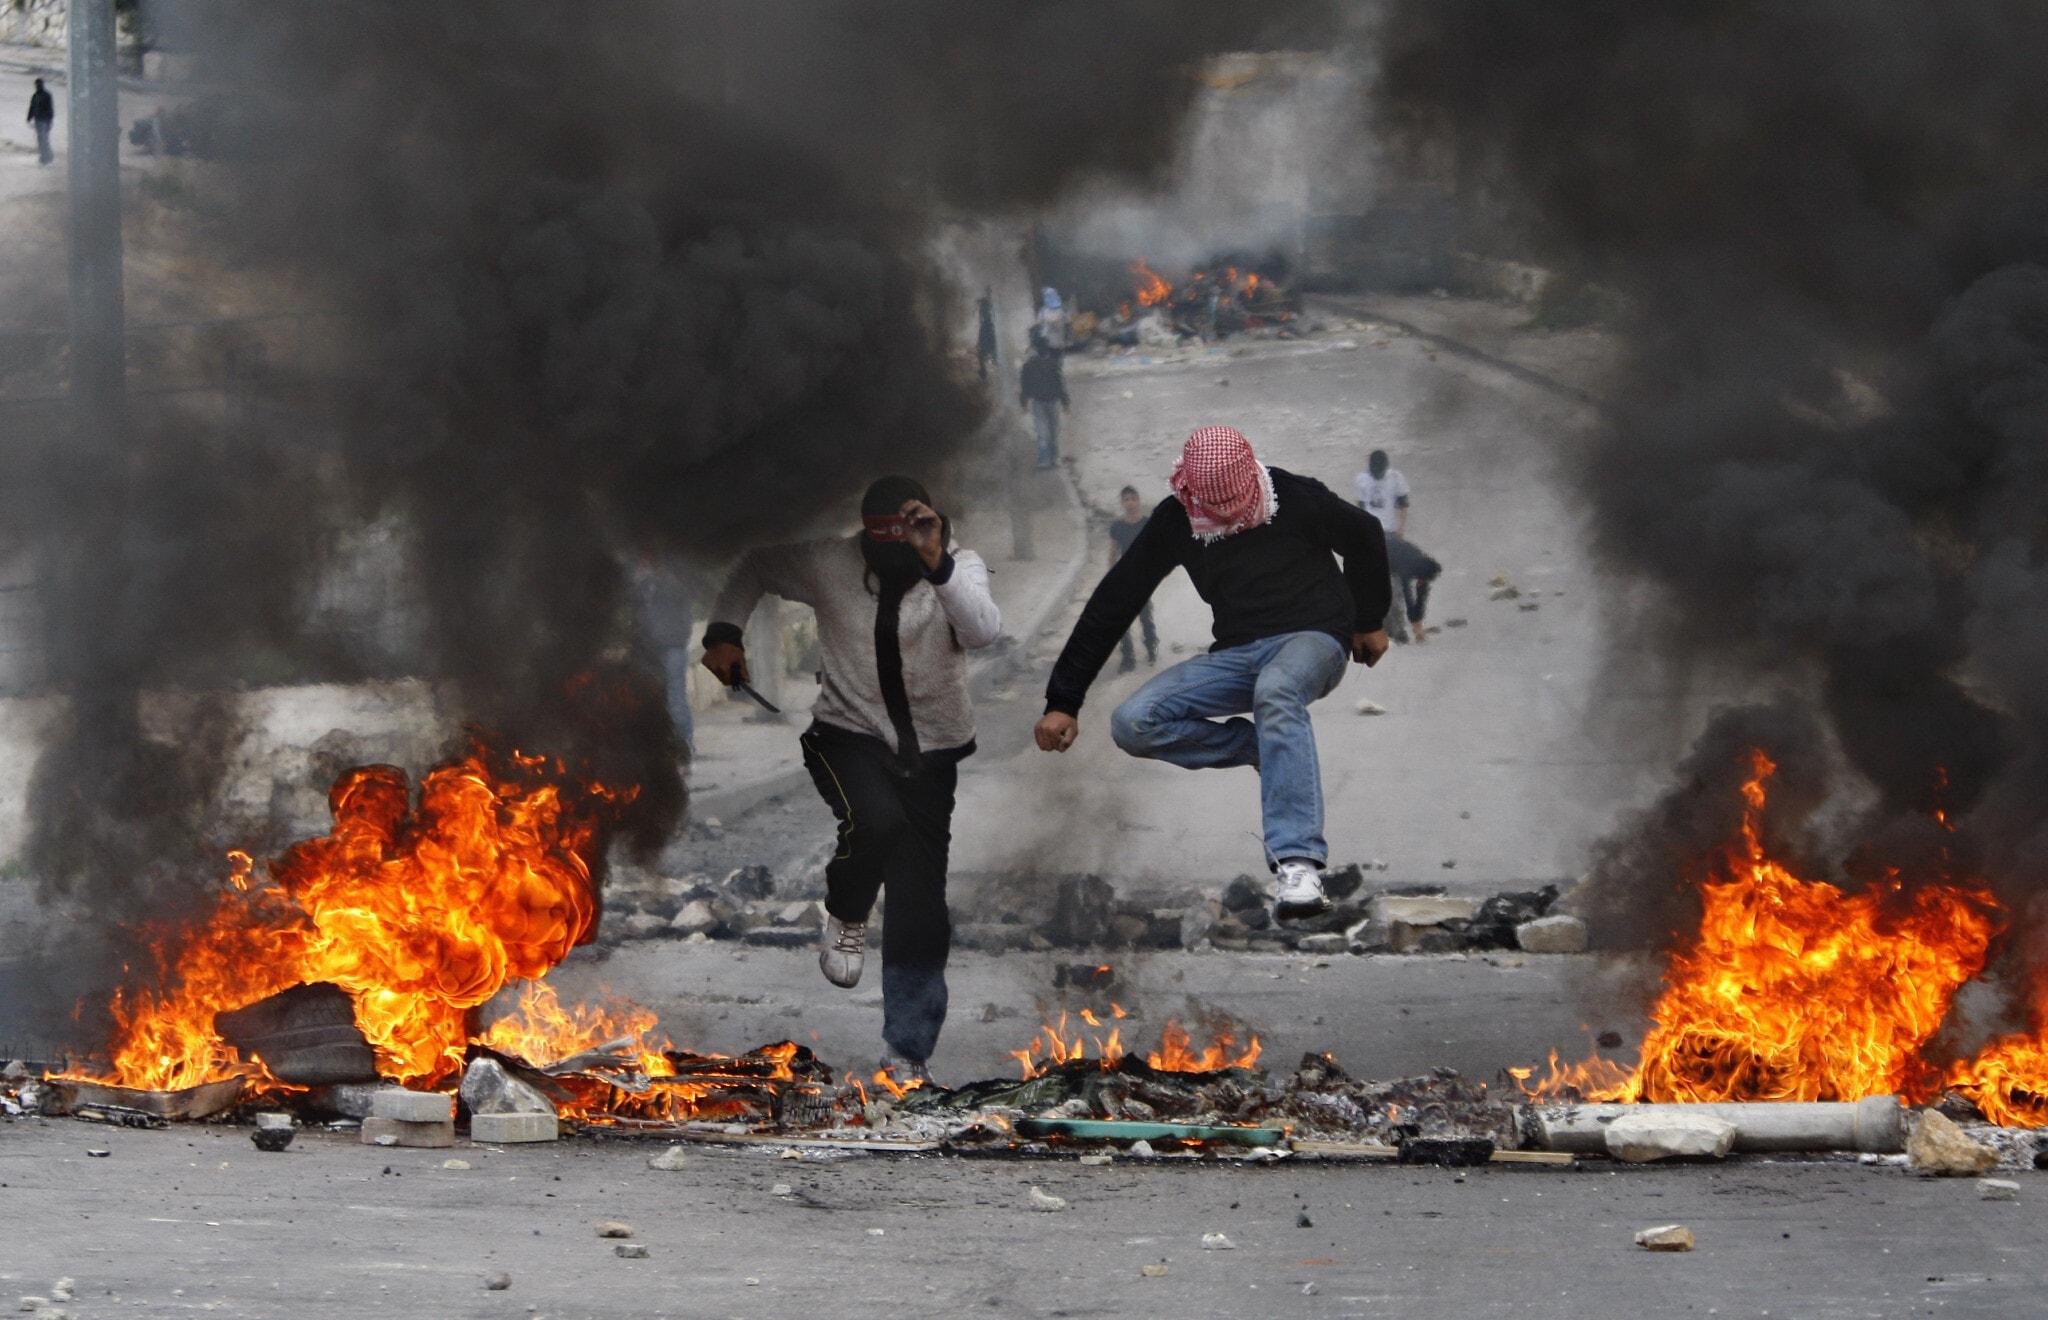 הפגנות אלימות בעיסאוויה ב-2010 (צילום: AP Photo/Dan Balilty)